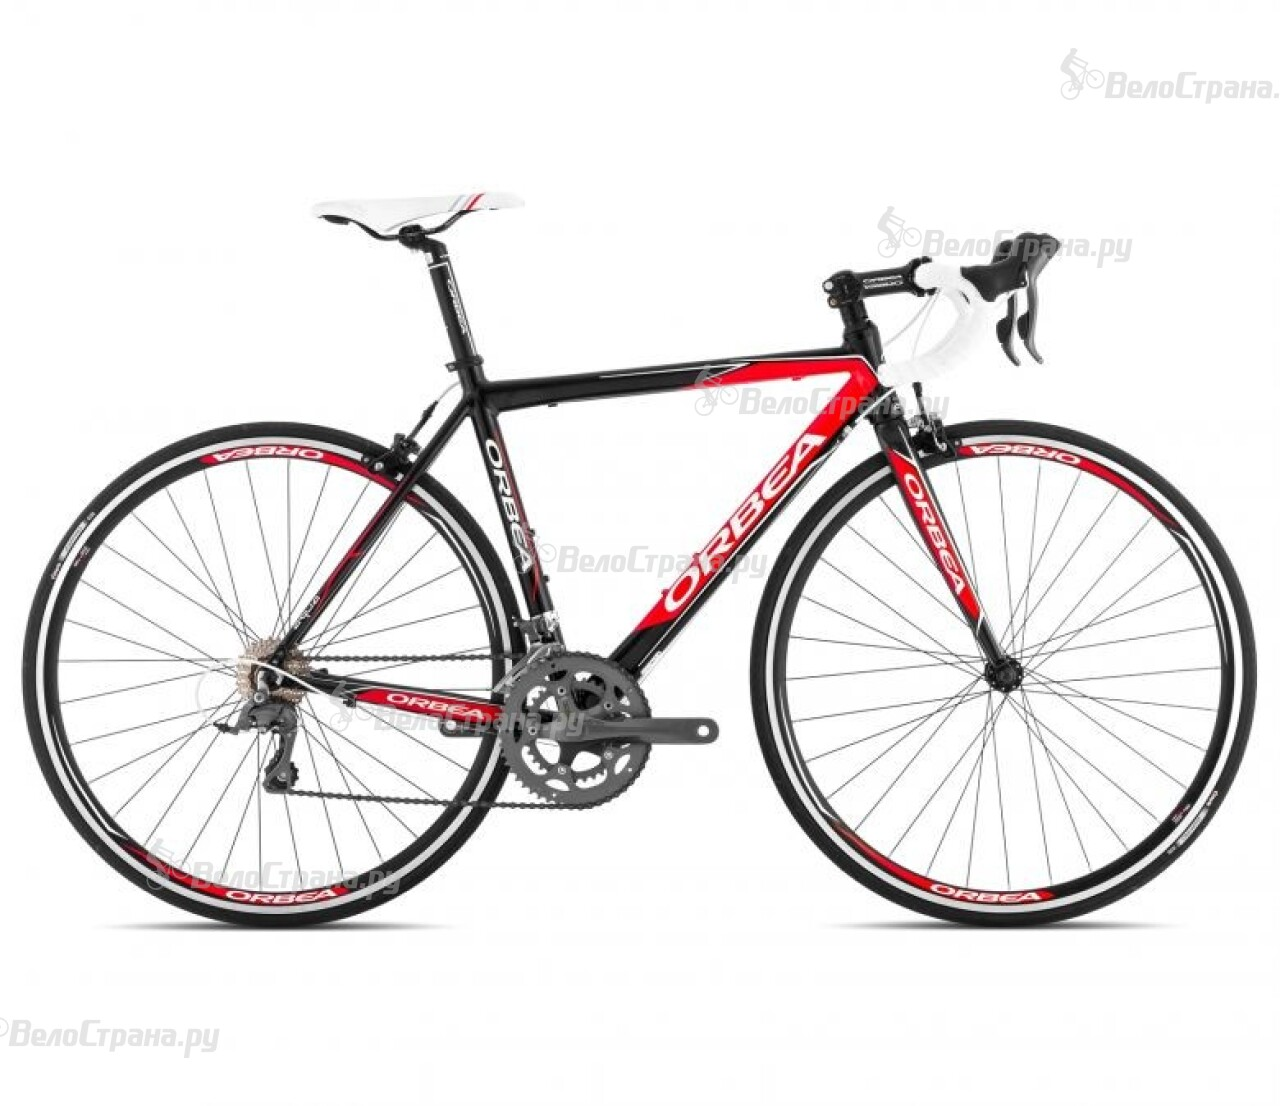 Велосипед Orbea Aqua 50 (2014) велосипед wheeler protron 50 2014